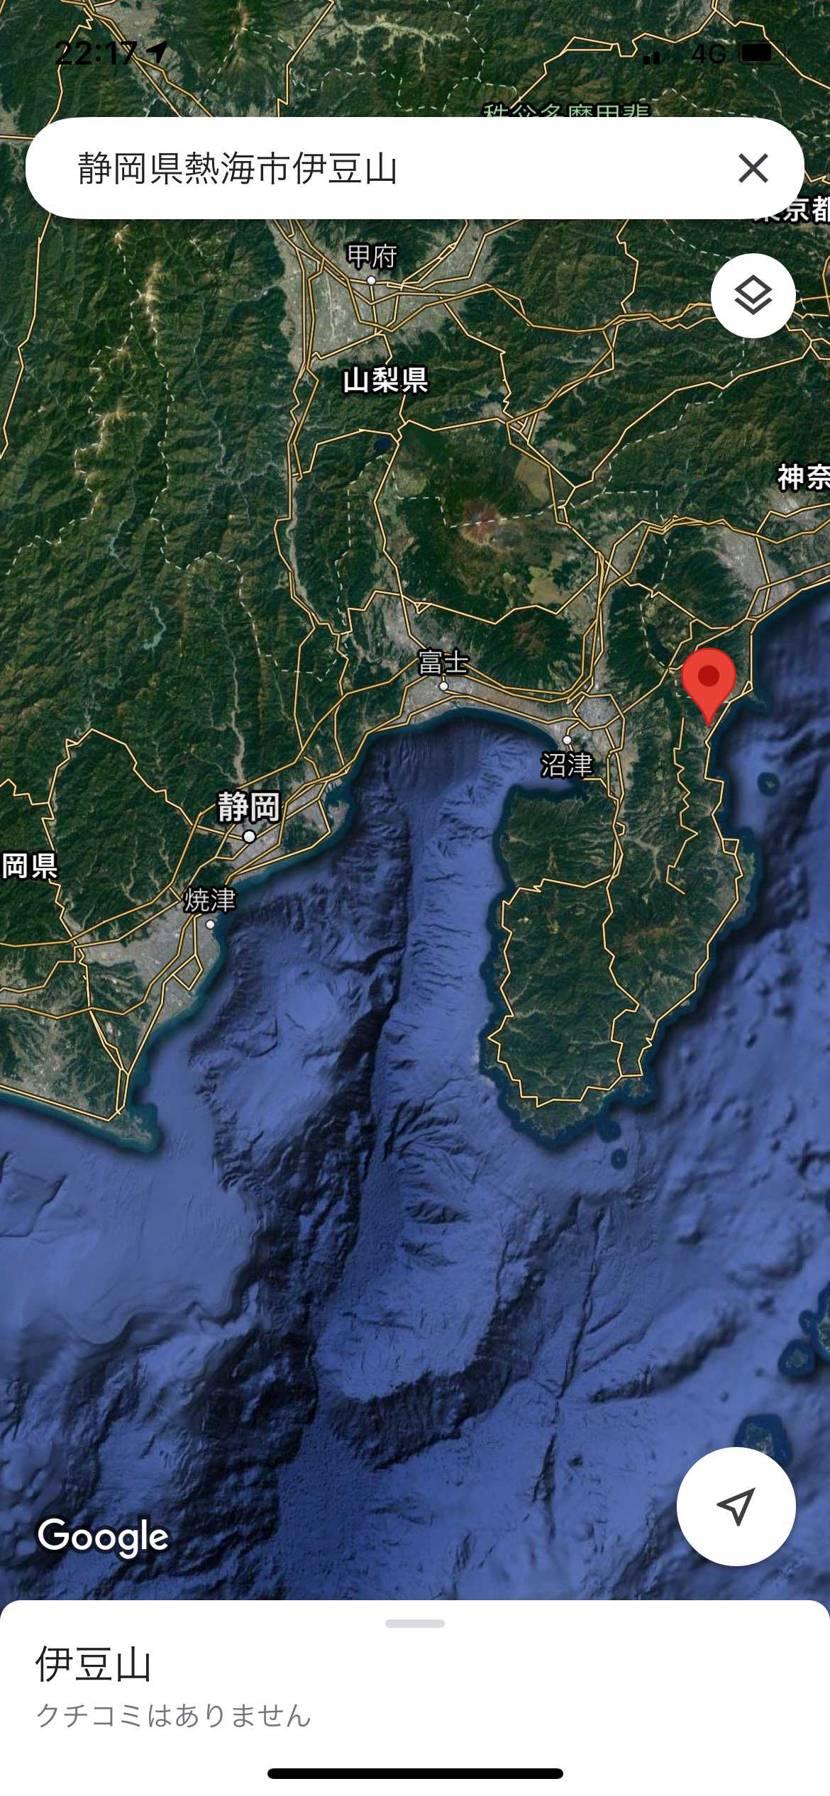 ニュース今気づいてんけど、静岡県民のスニーカー好きの人、大丈夫なん❓海沿い山のふ